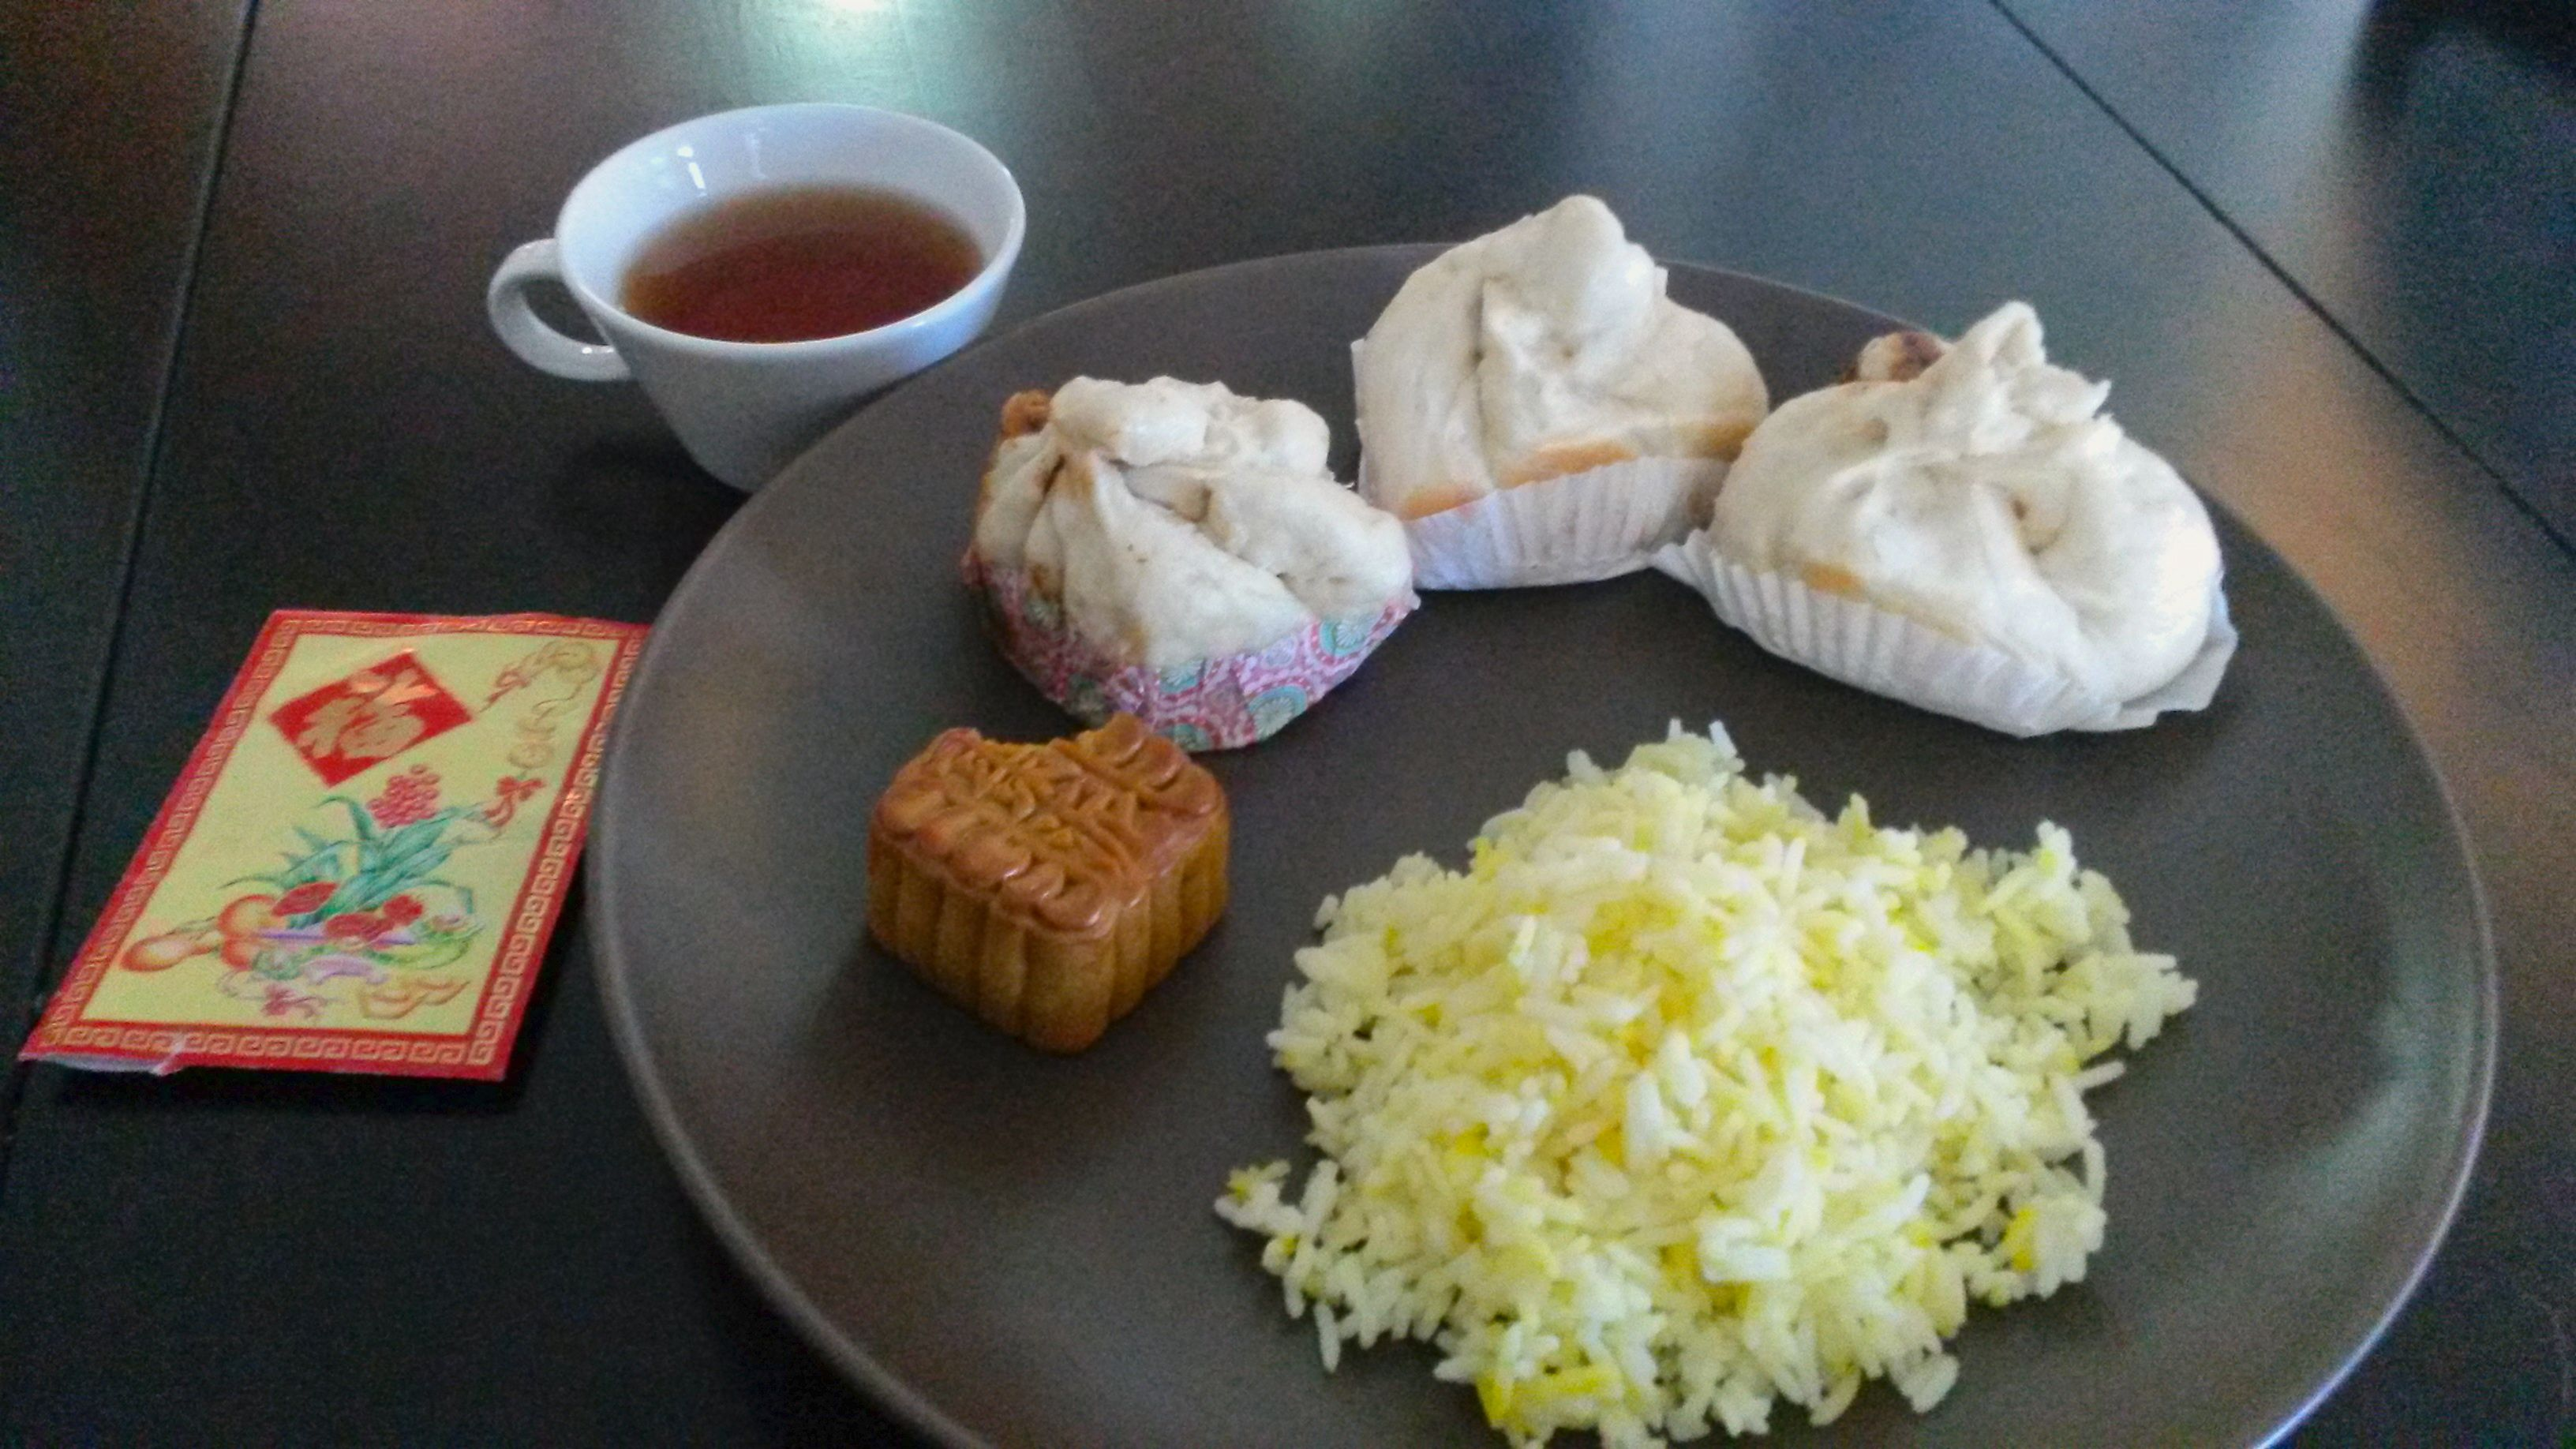 Saffron's Pork Bao - Firefly Recipe